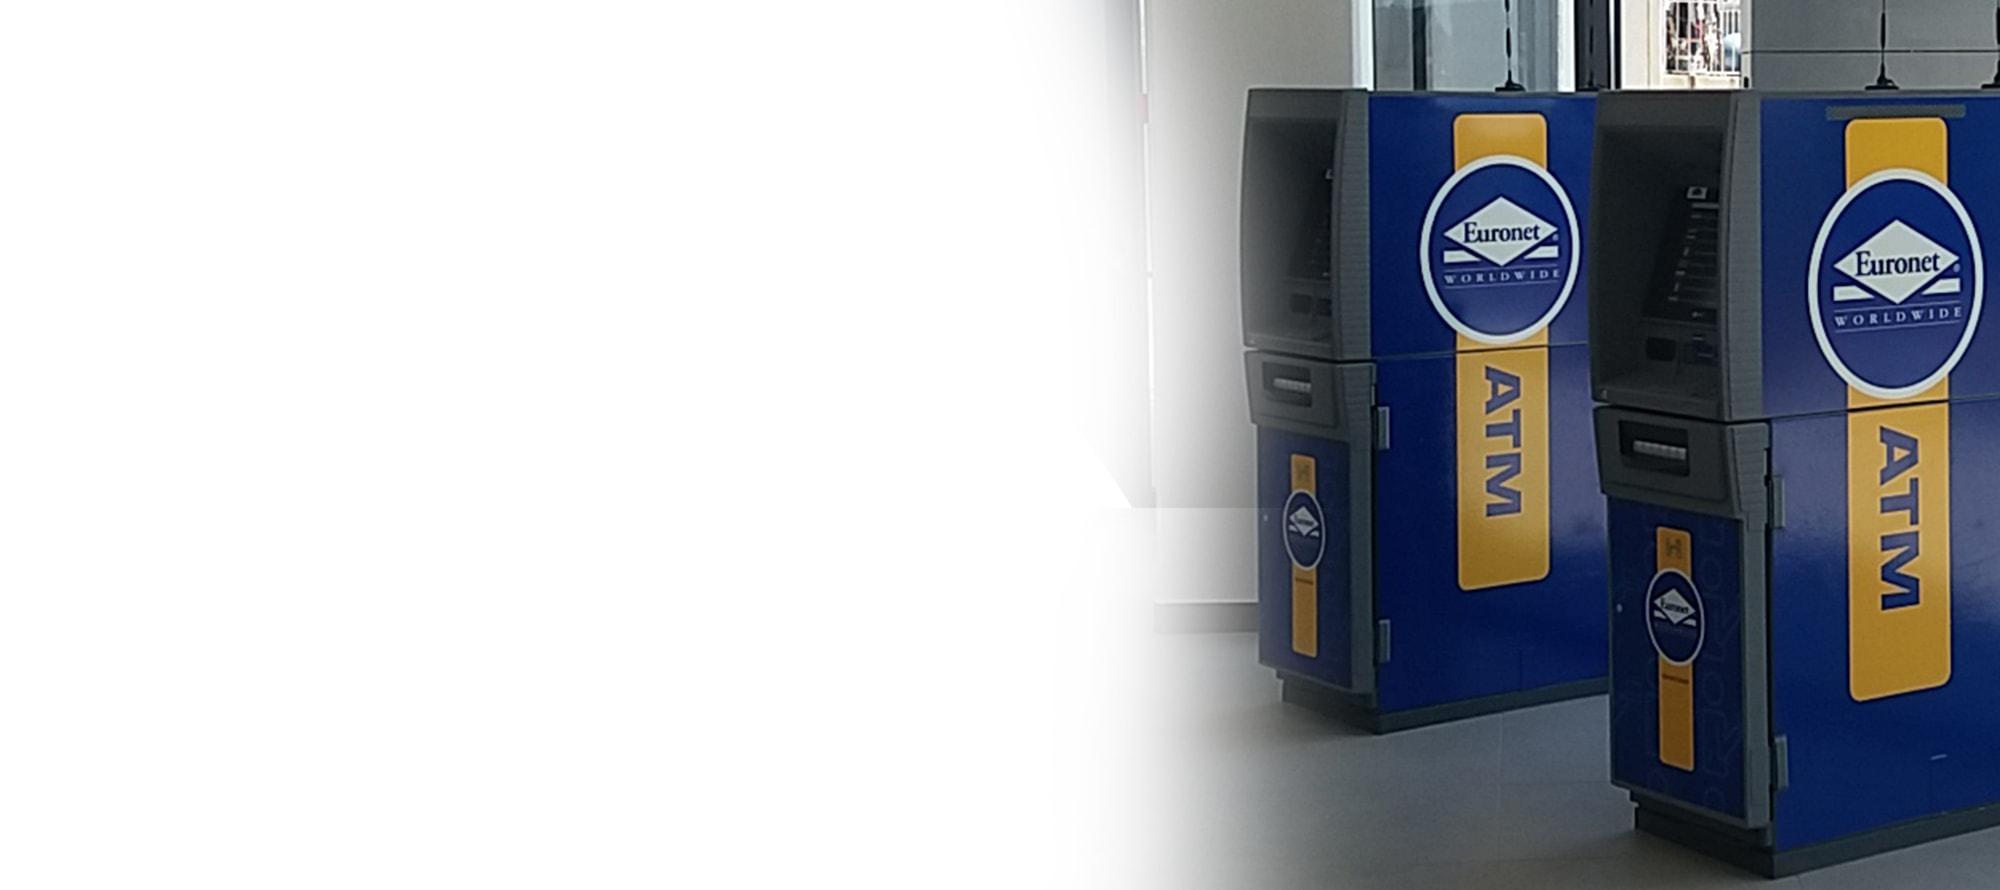 Ponudite svojim kupcima dodatnu uslugu s Euronet bankomatom.